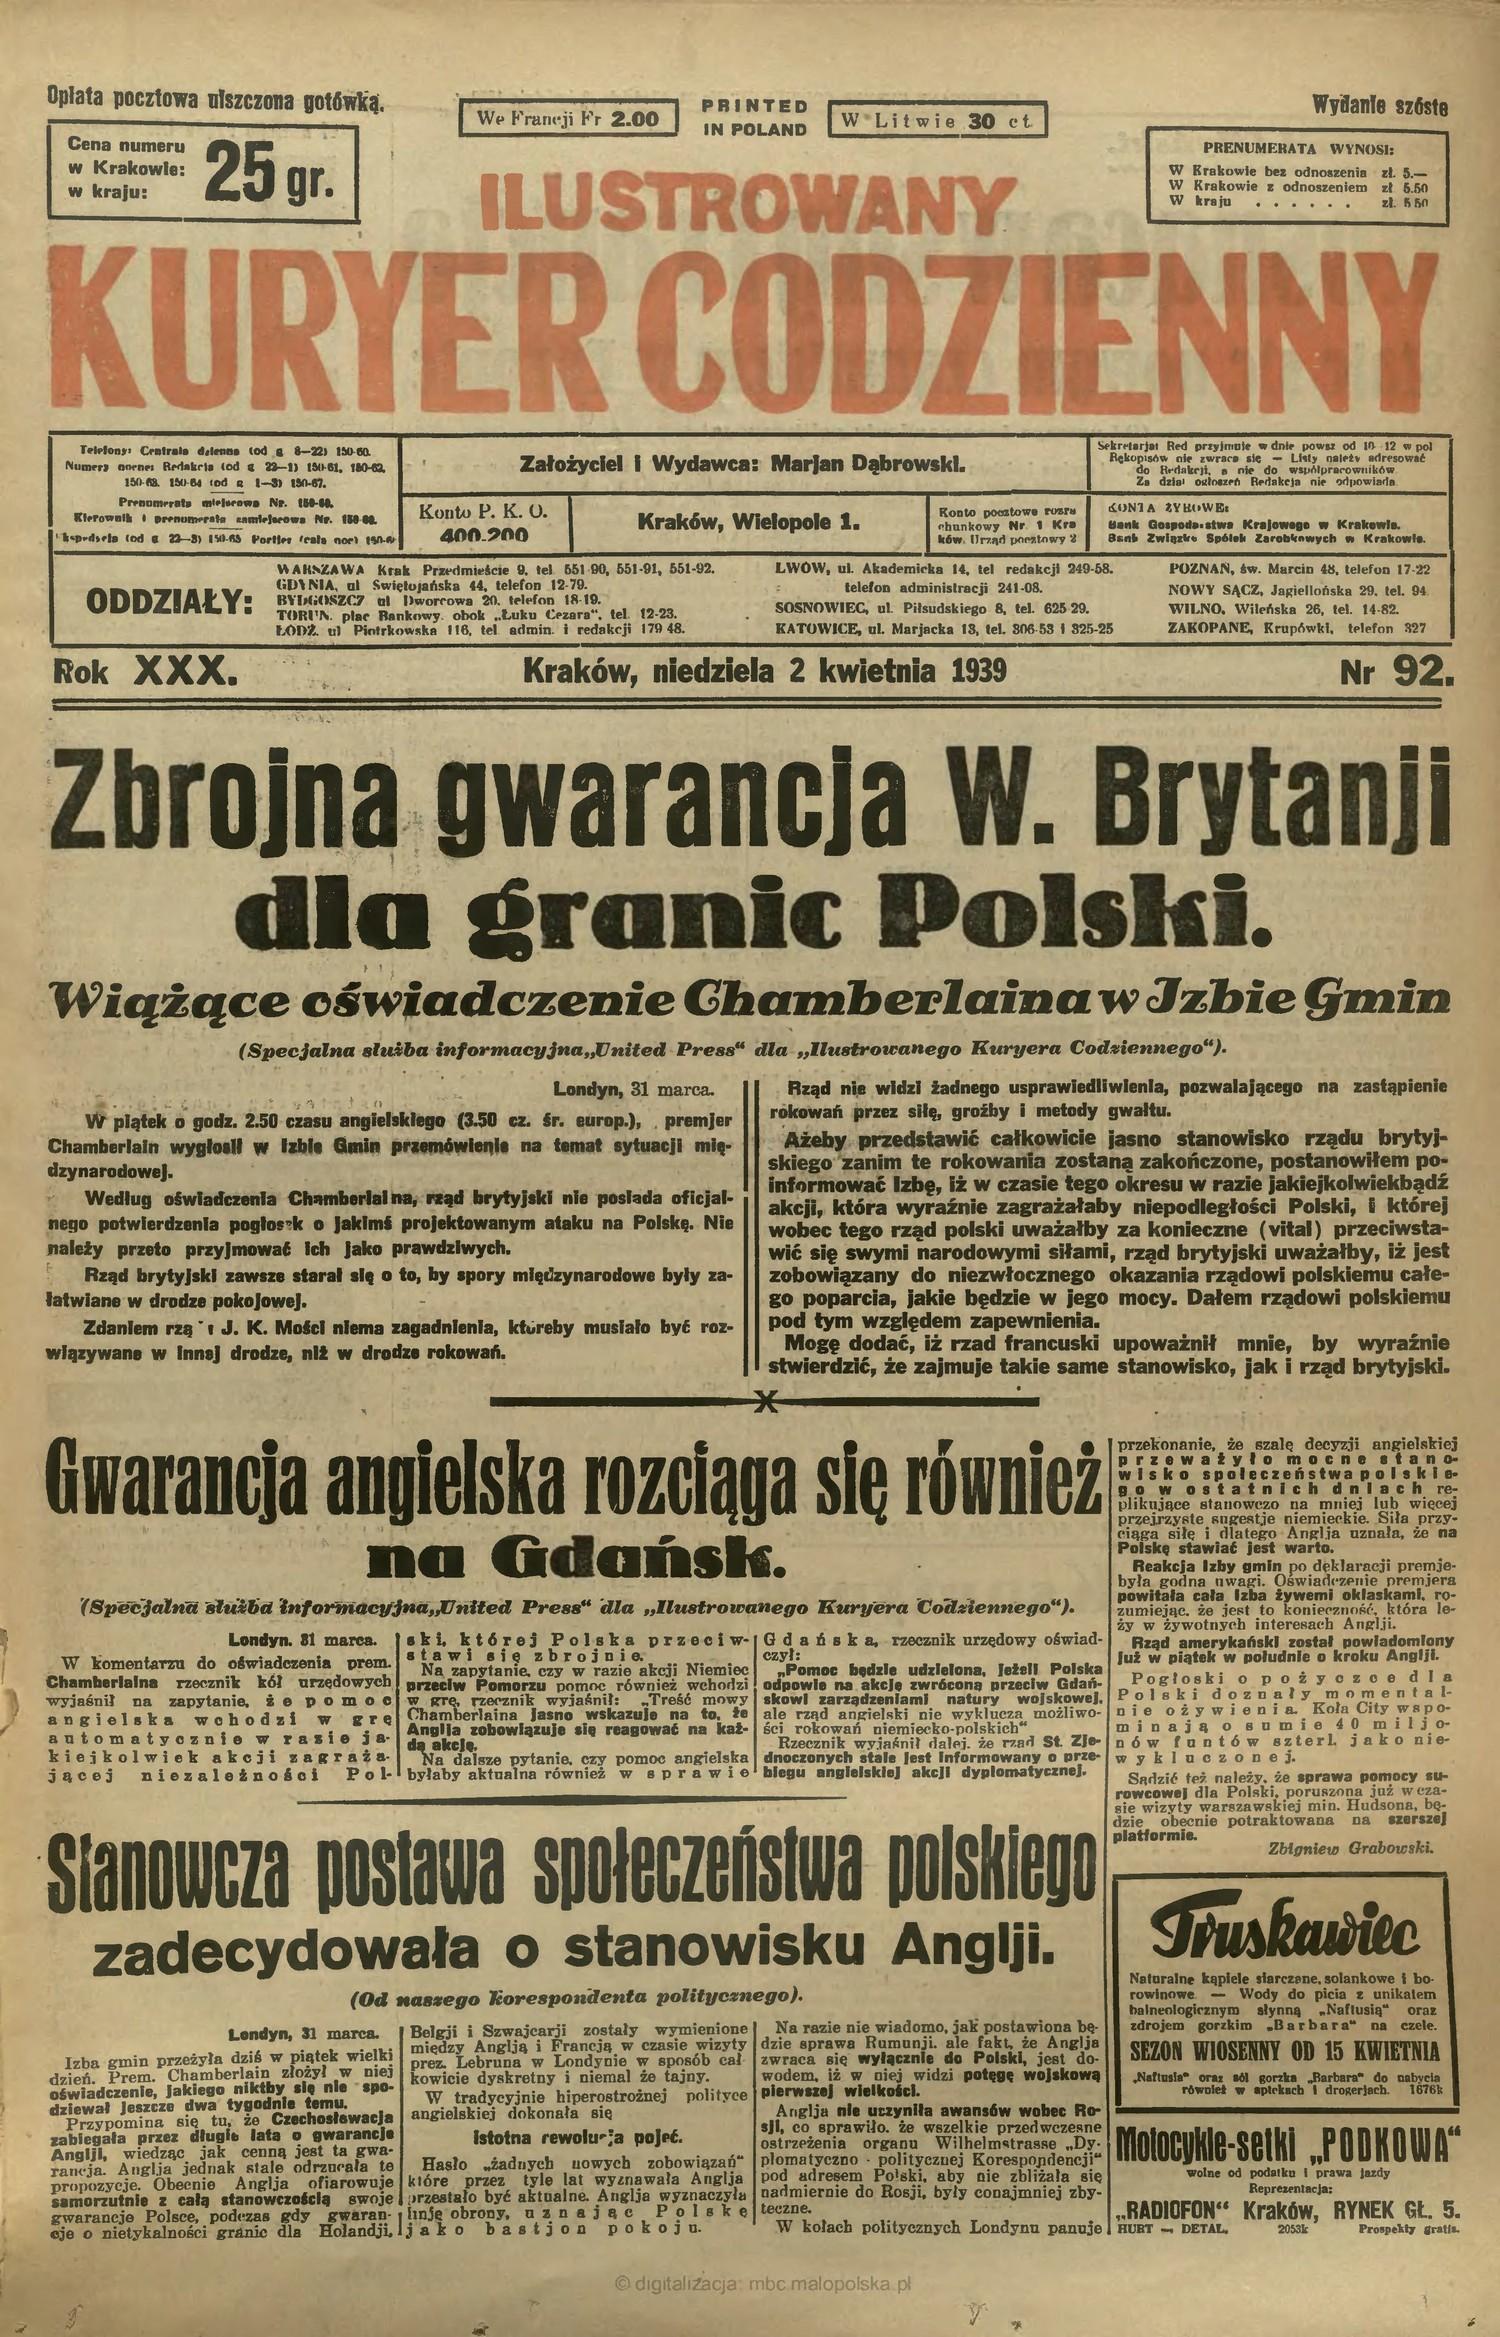 """Strona tytułowa """"Ilustrowanego Kuryera Codziennego"""" z informacją o angielskich gwarancjach dla Polski. Kliknij, aby powiększyć."""